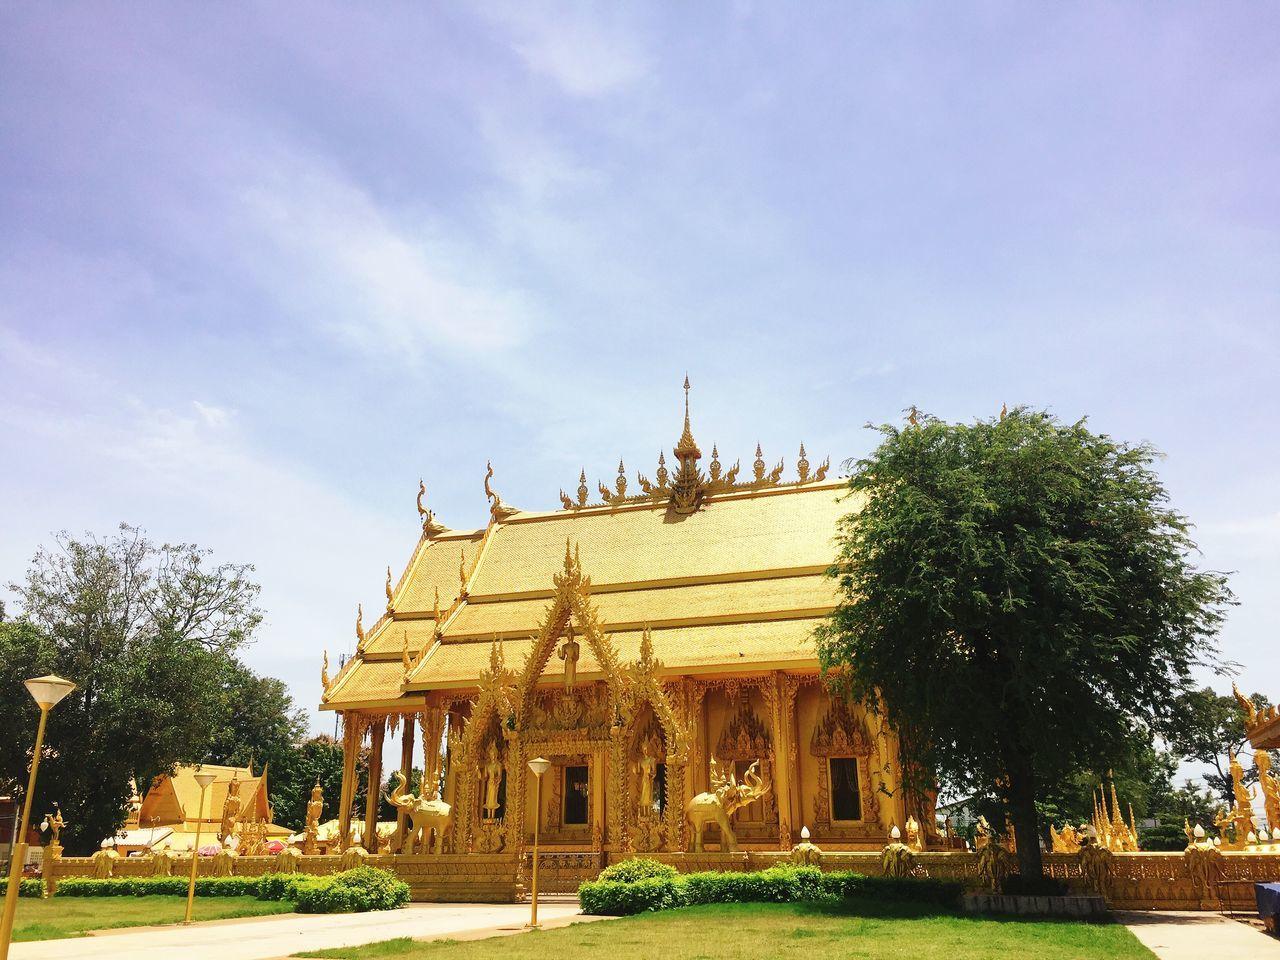 วัดปากน้ำโจ้โล้ Watpaknamjolo Bangkla Chachoengsao Thailand Watthai Temple Travel Traveling Travel Photography Happyday